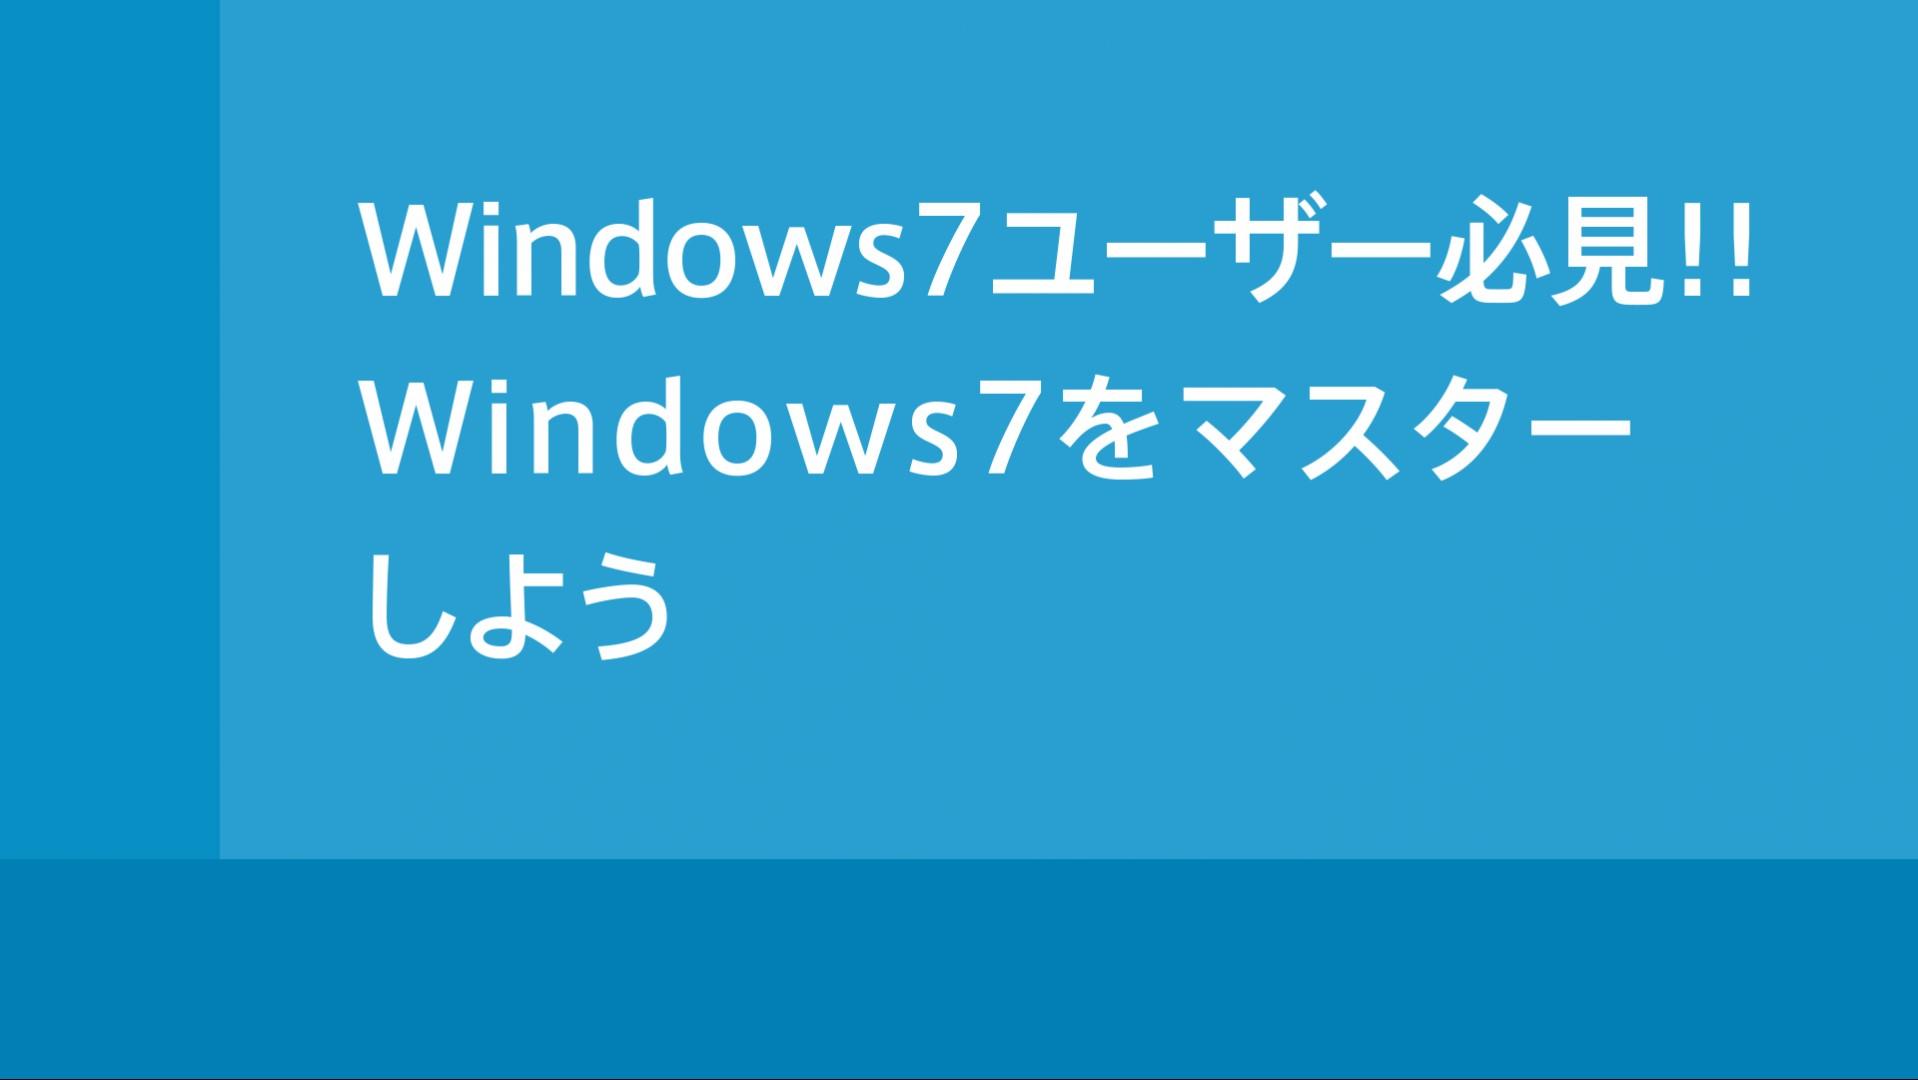 画像を日付順や評価順に並べ替える Windows 7 使い方